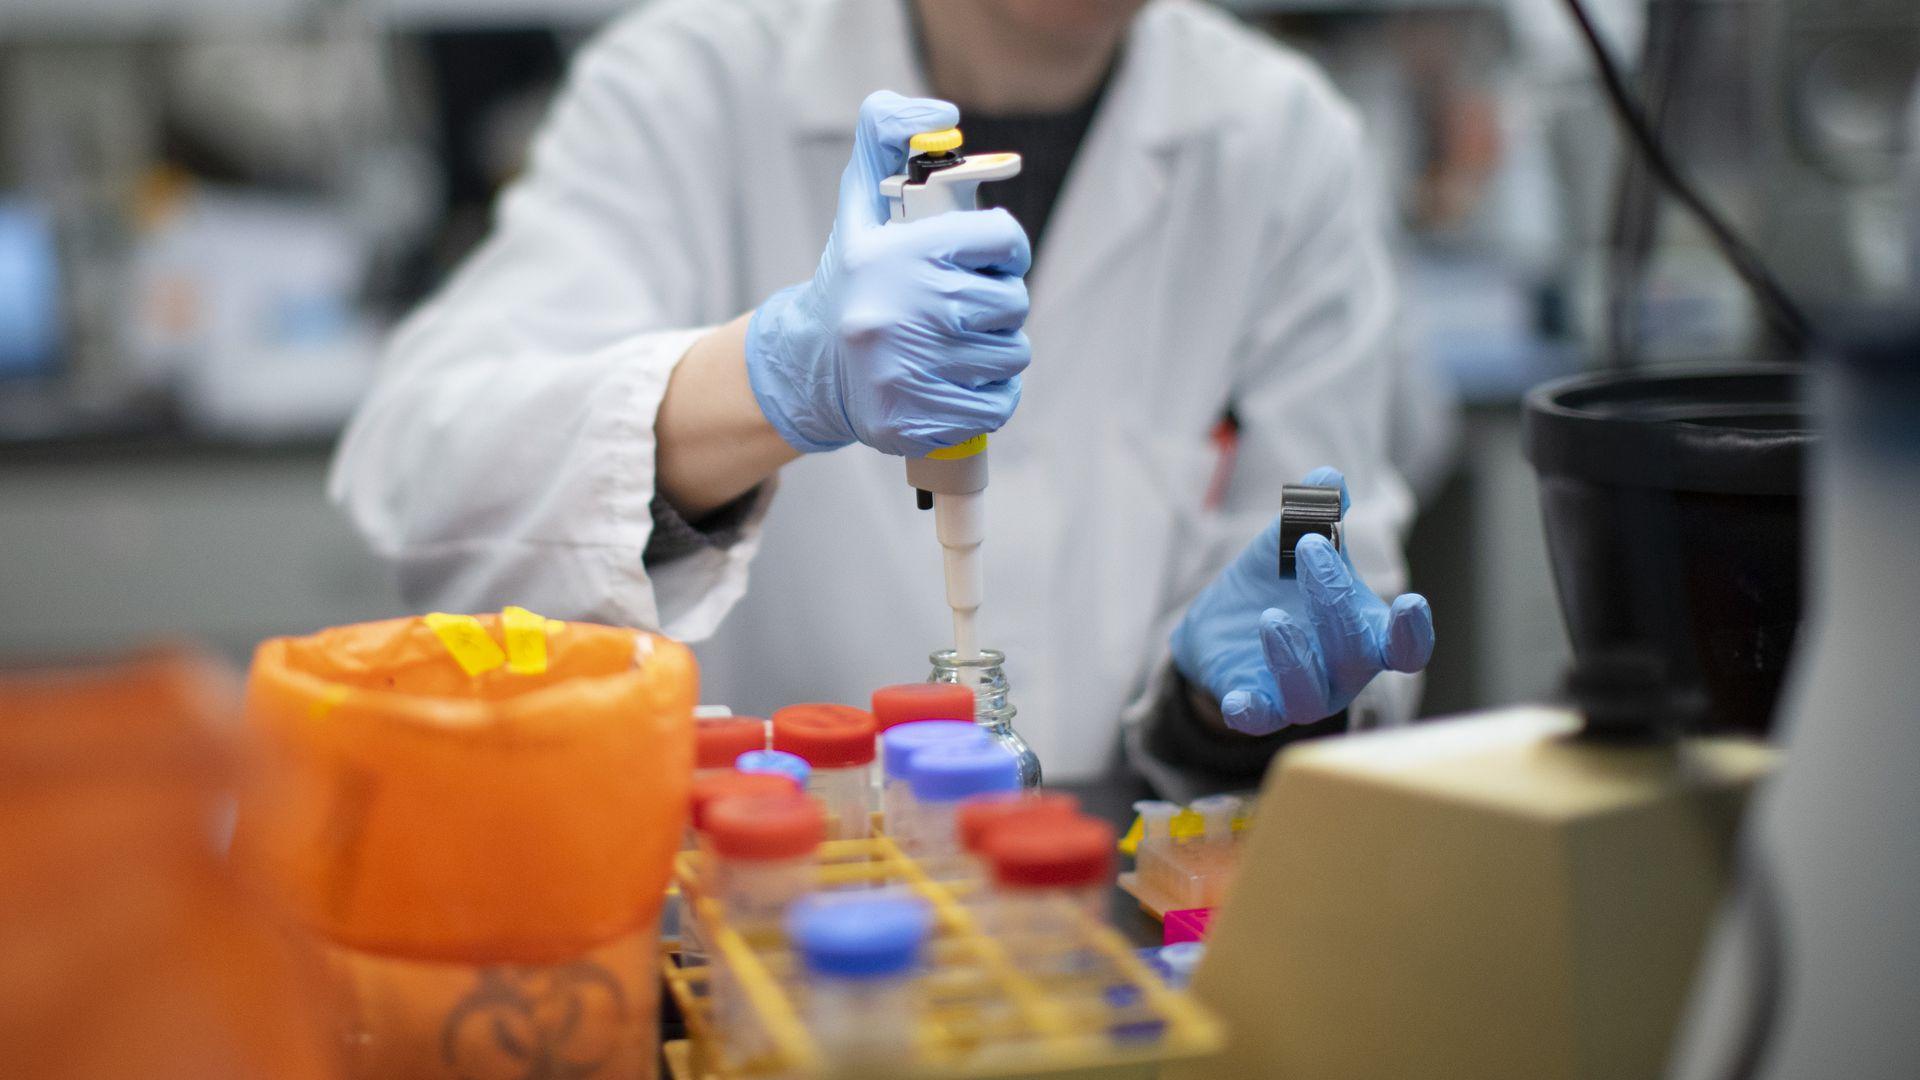 Koronavírus-teszt: A szakrendelői intézet nem erre való